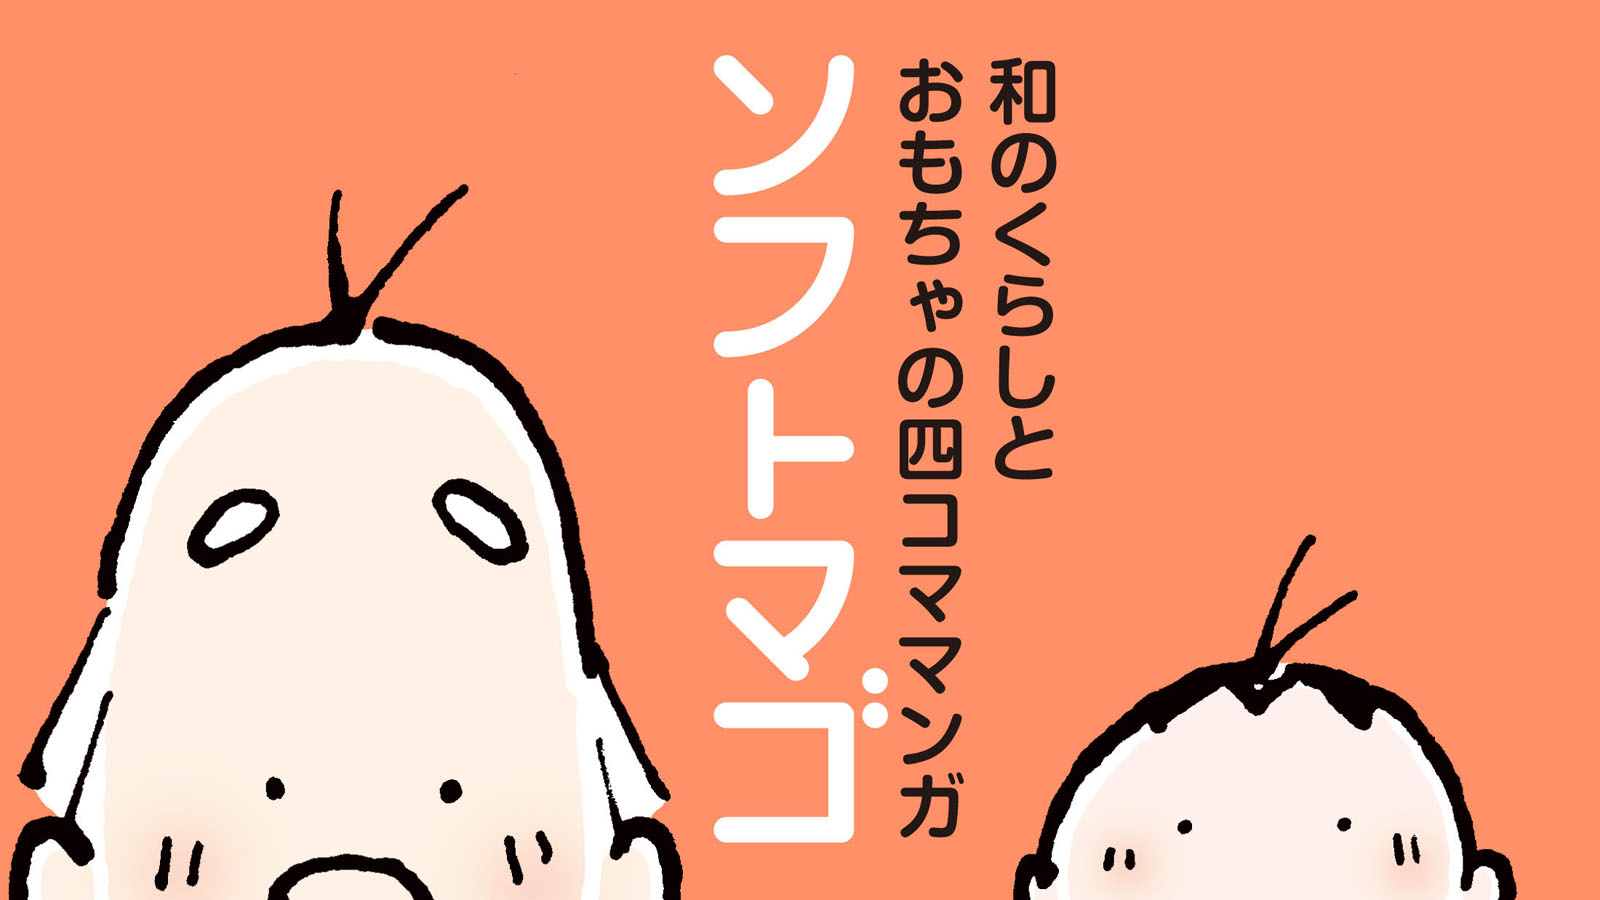 和のくらしとおもちゃの四コママンガ「ソフトマゴ」2月